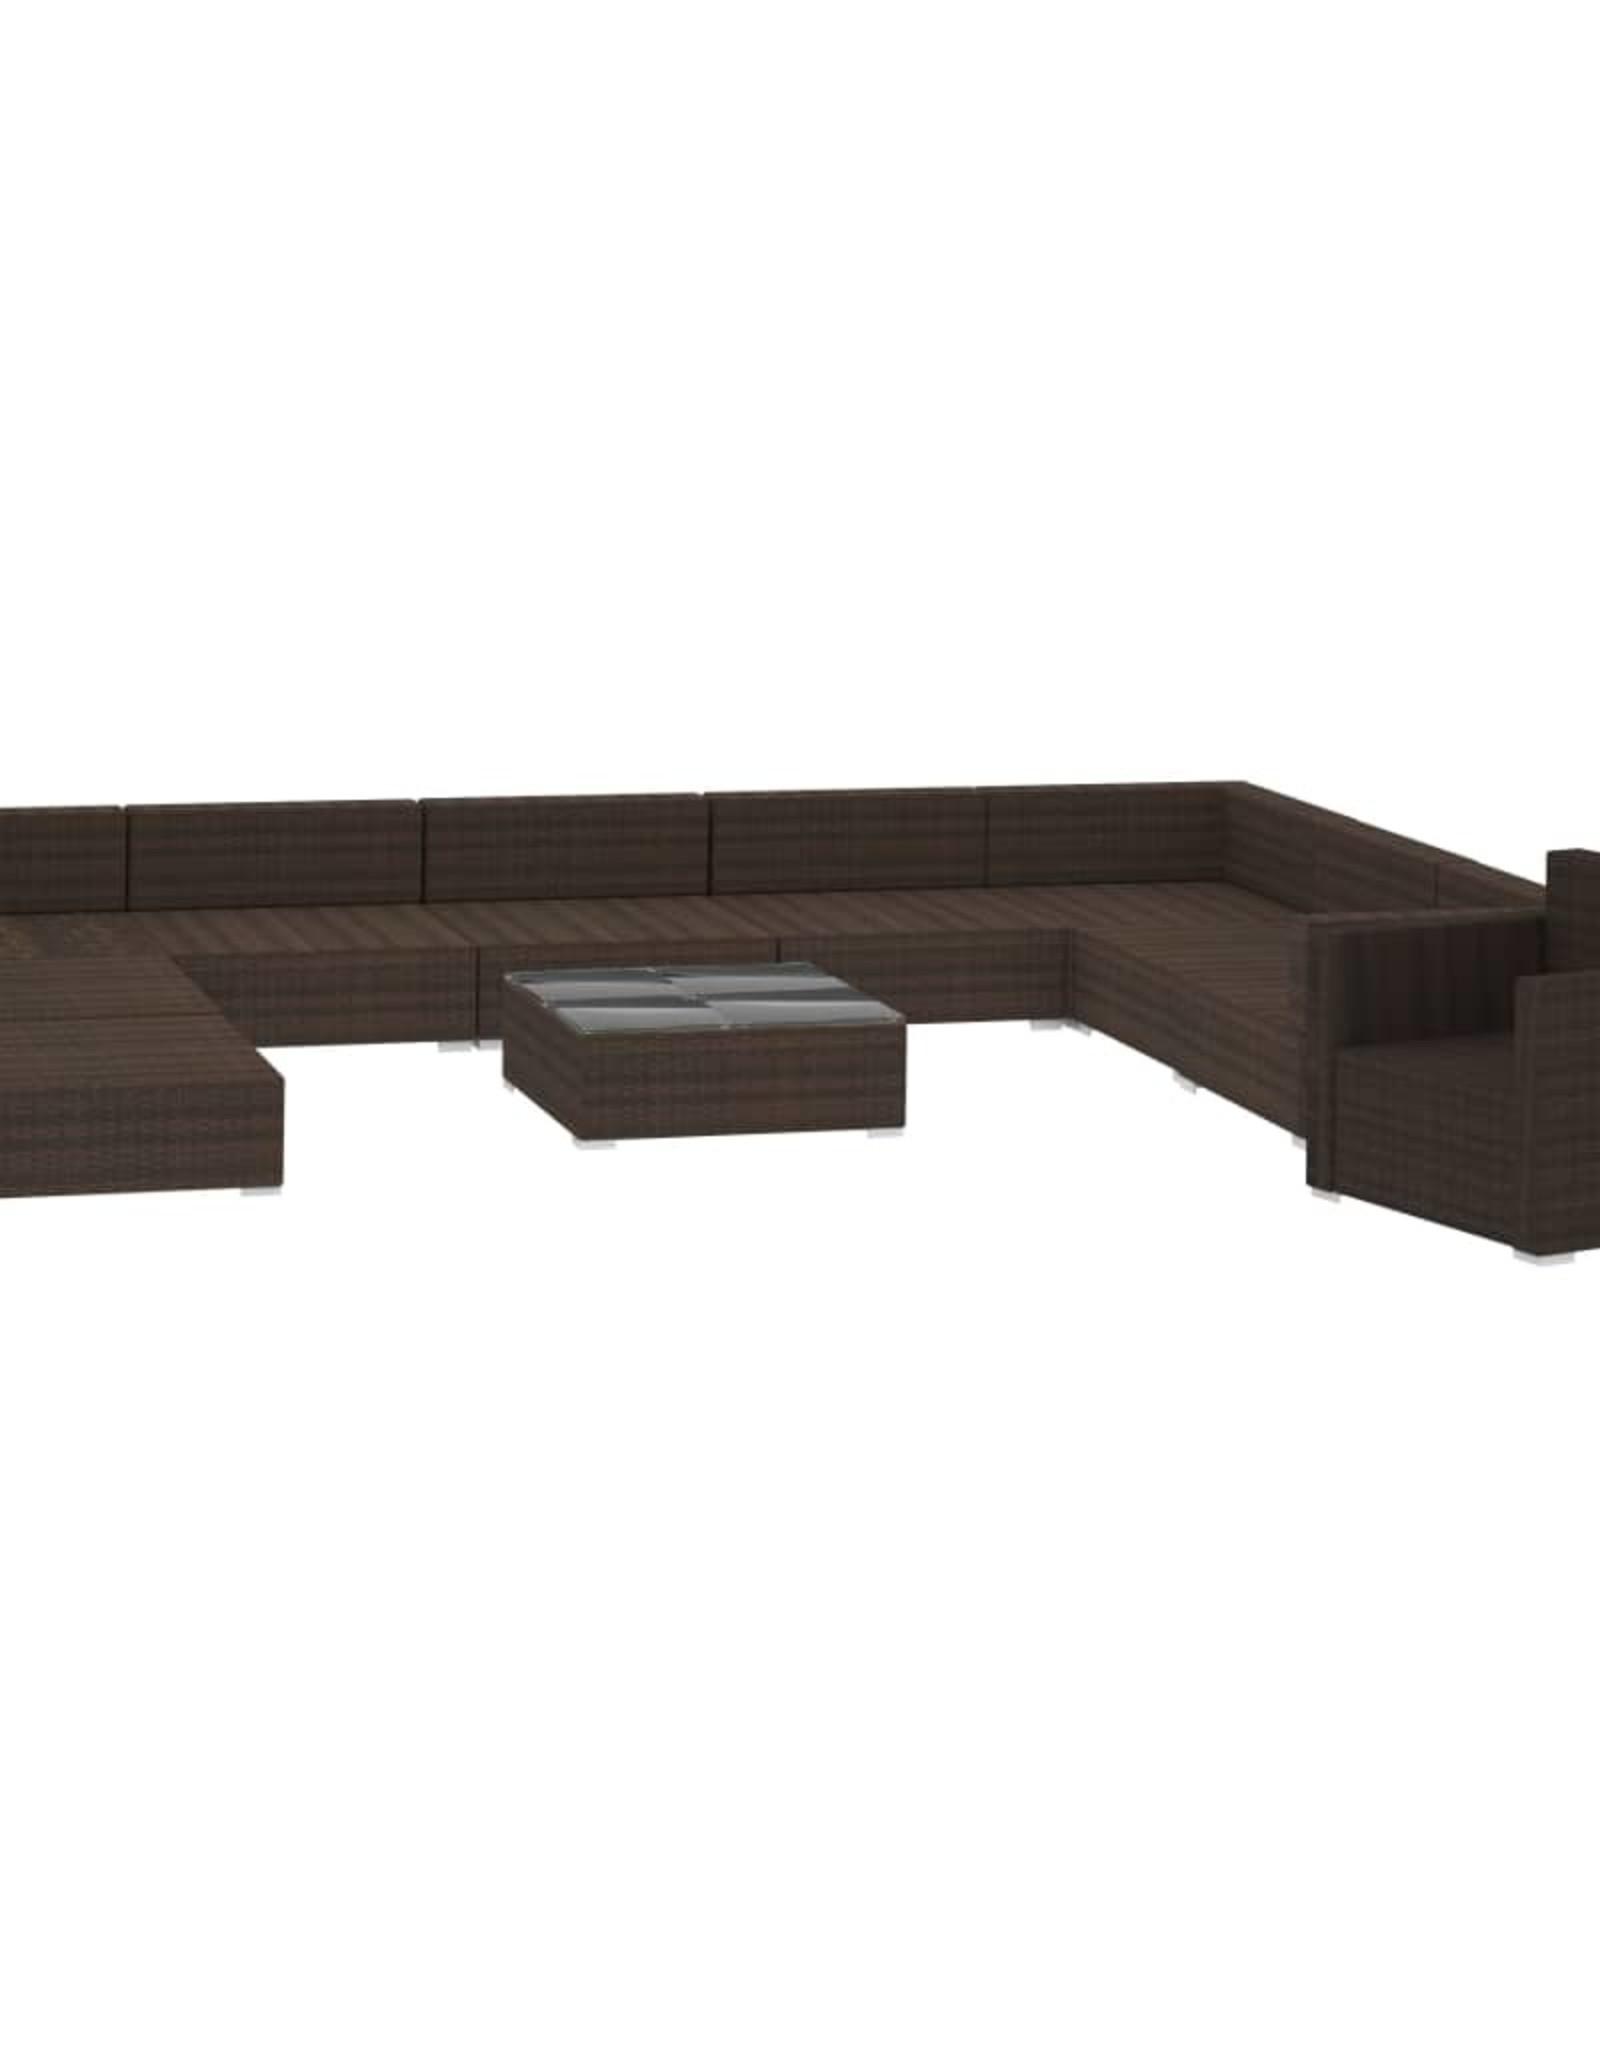 vidaXL 11-delige Loungeset met kussens poly rattan bruin